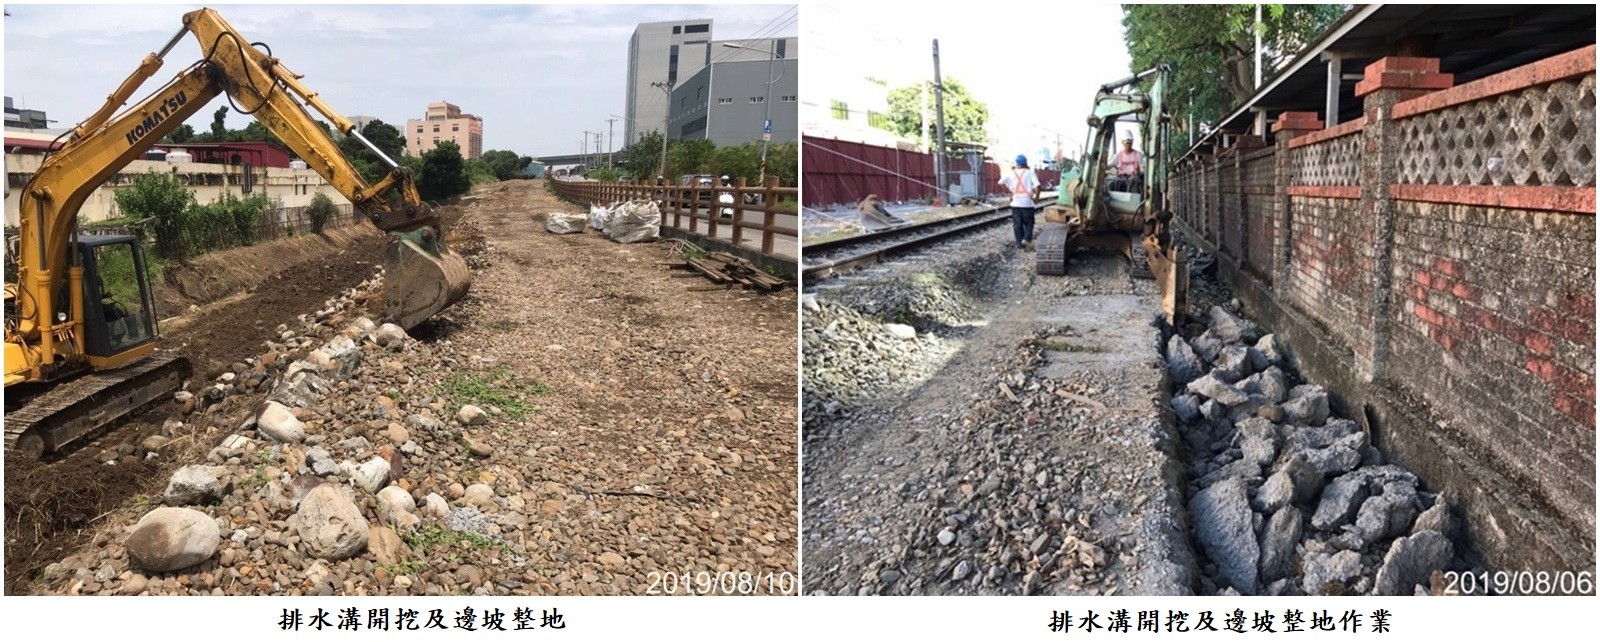 排水溝開挖及邊坡整地&排水溝開挖及邊坡整地作業